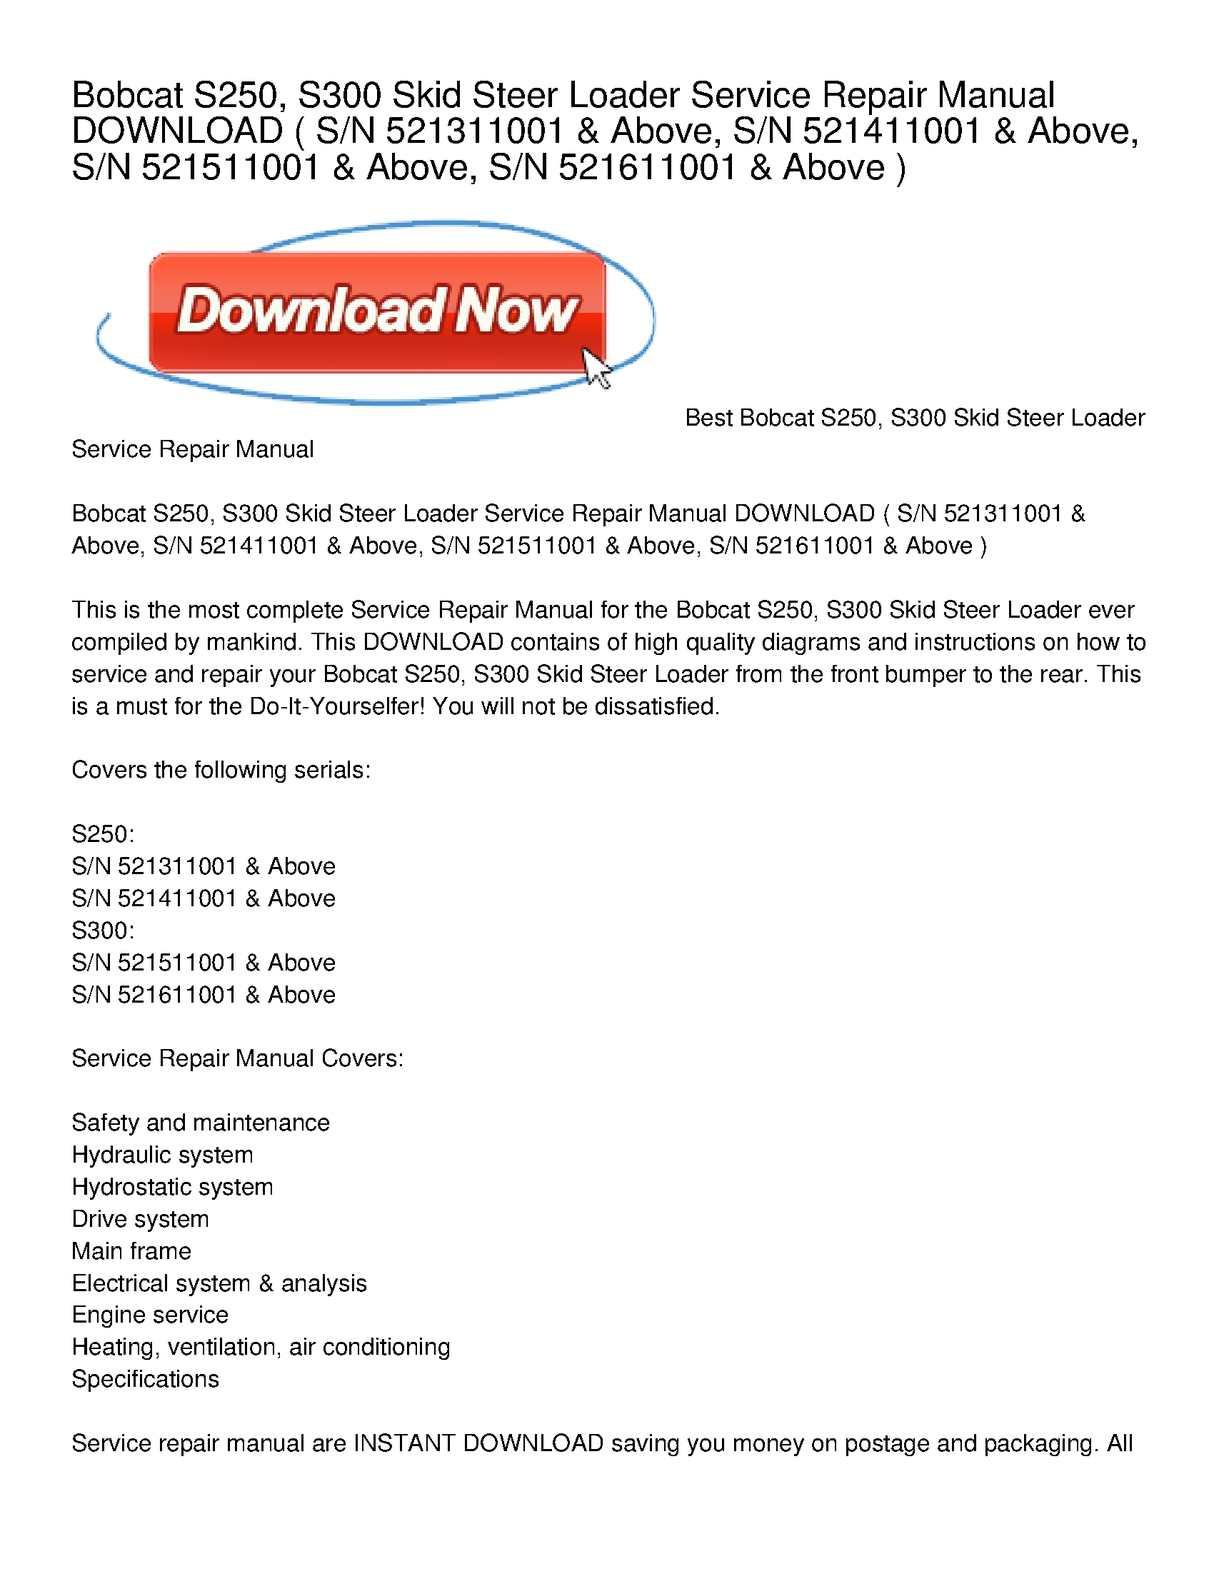 Calaméo - Bobcat S250, S300 Skid Steer Loader Service Repair Manual DOWNLOAD